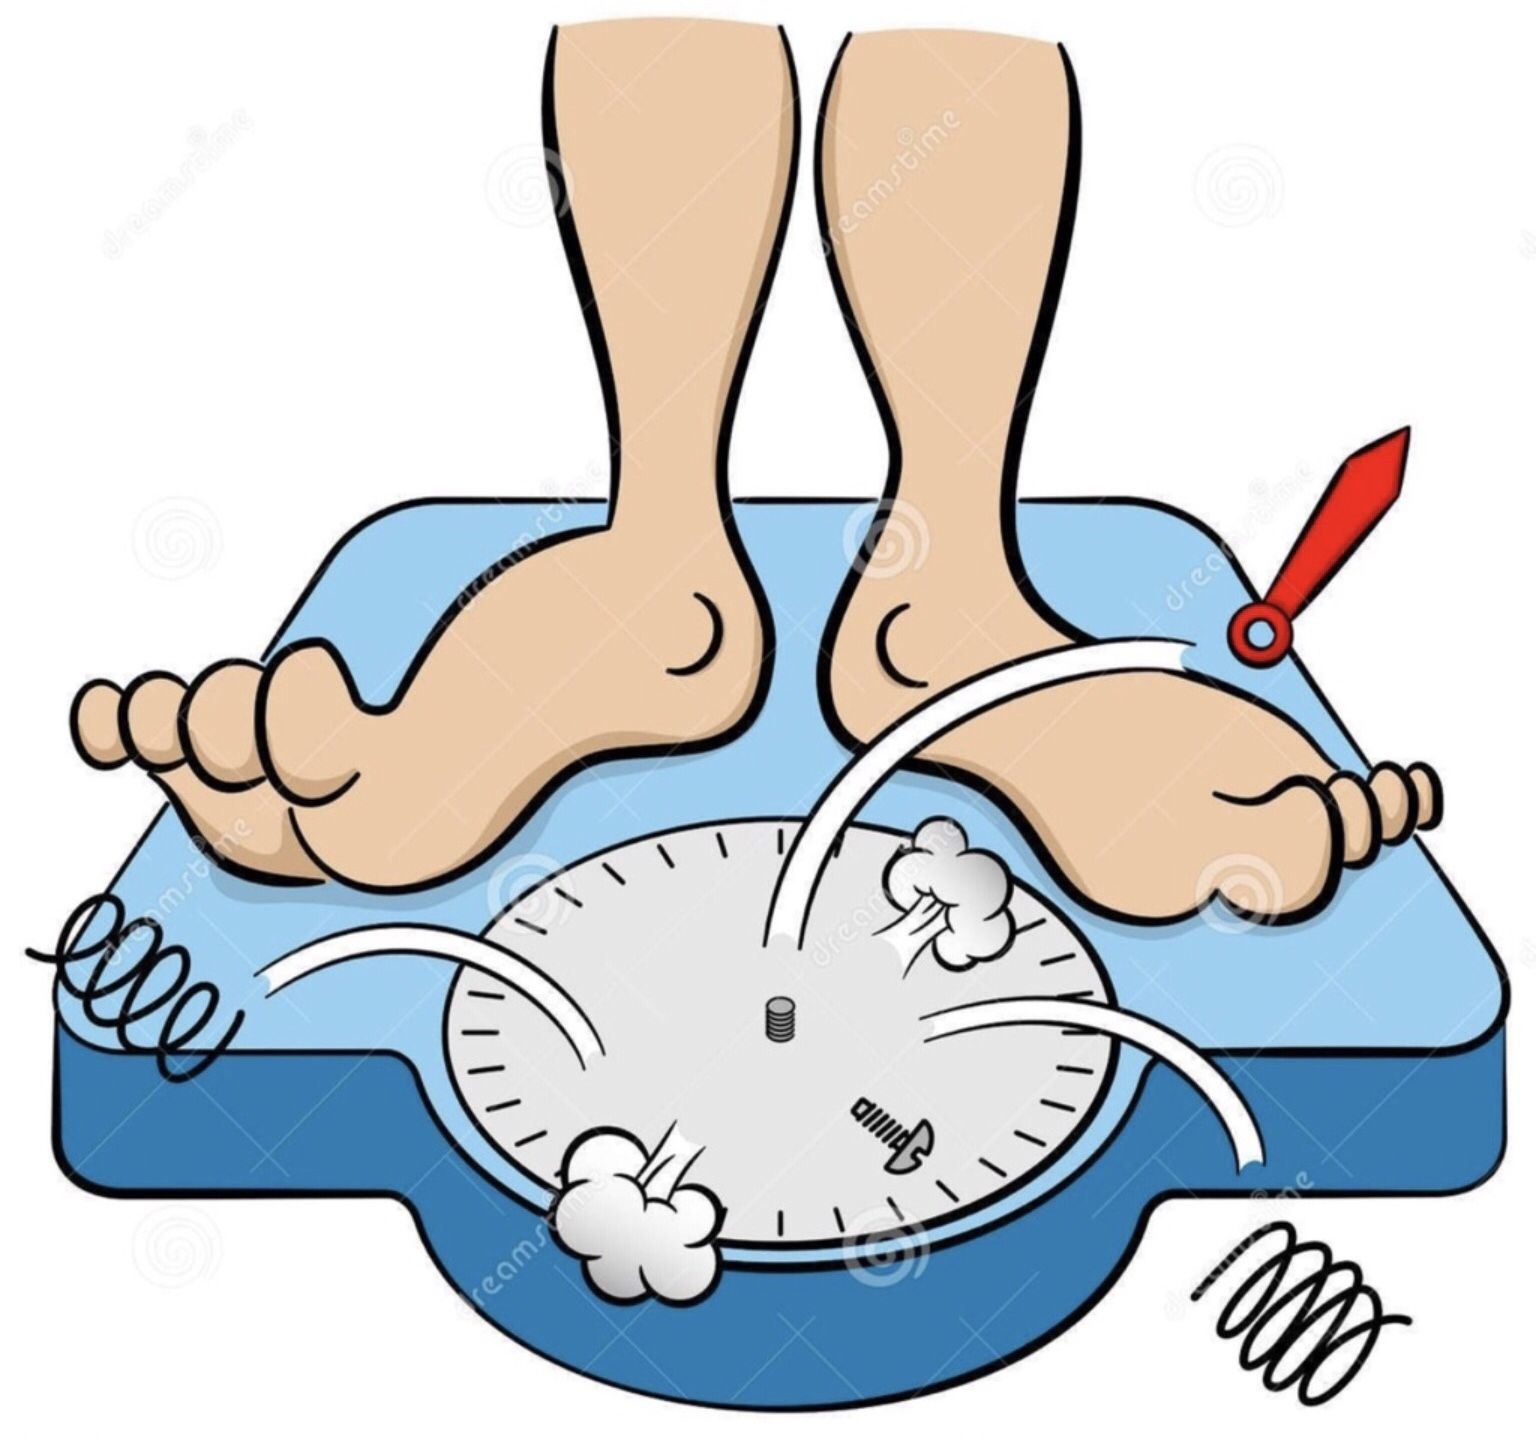 Érett nő fogyás. Mit tegyek, ha inzulinrezisztensként fogyni szeretnék? – Fontos lehet!